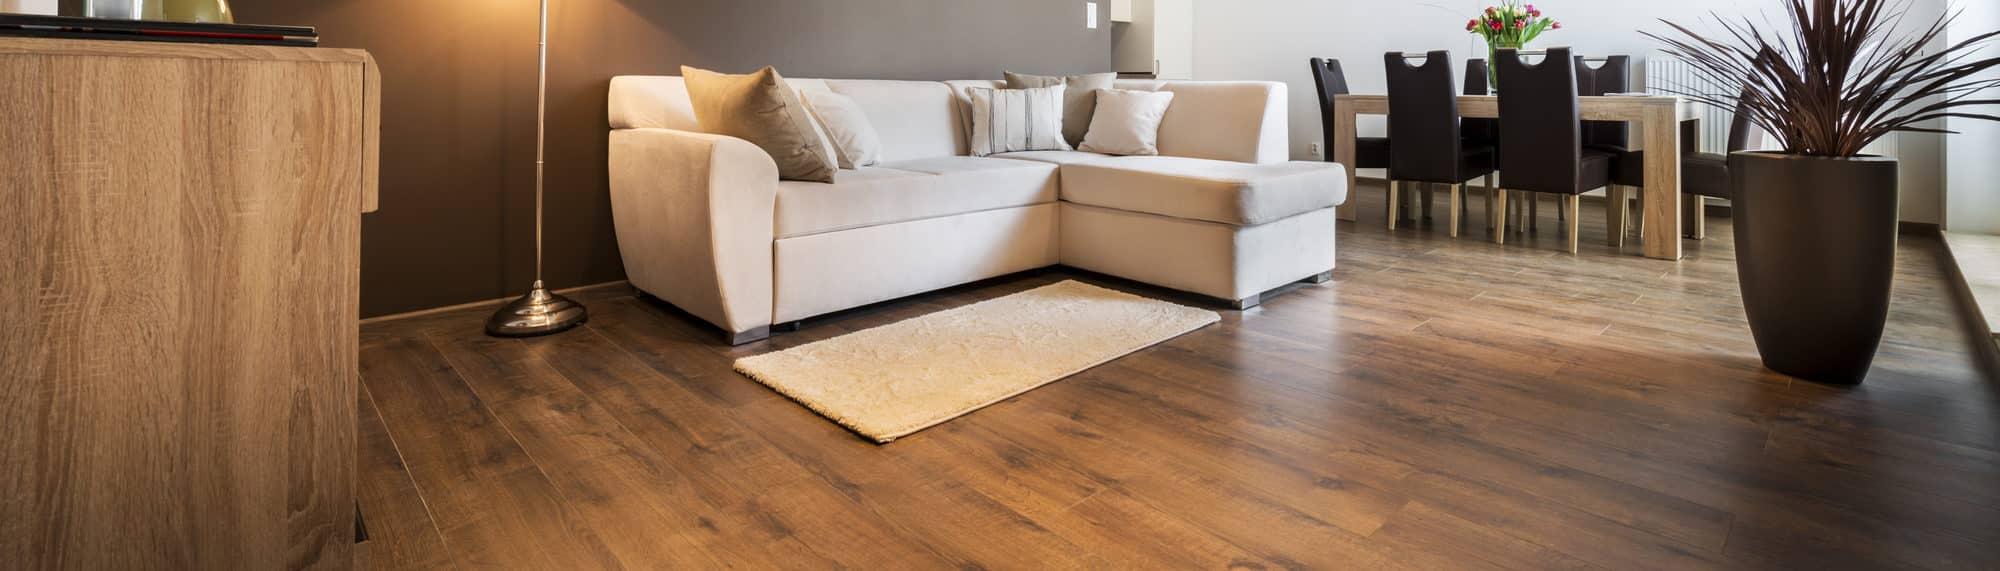 hardwood flooring contractor Utah